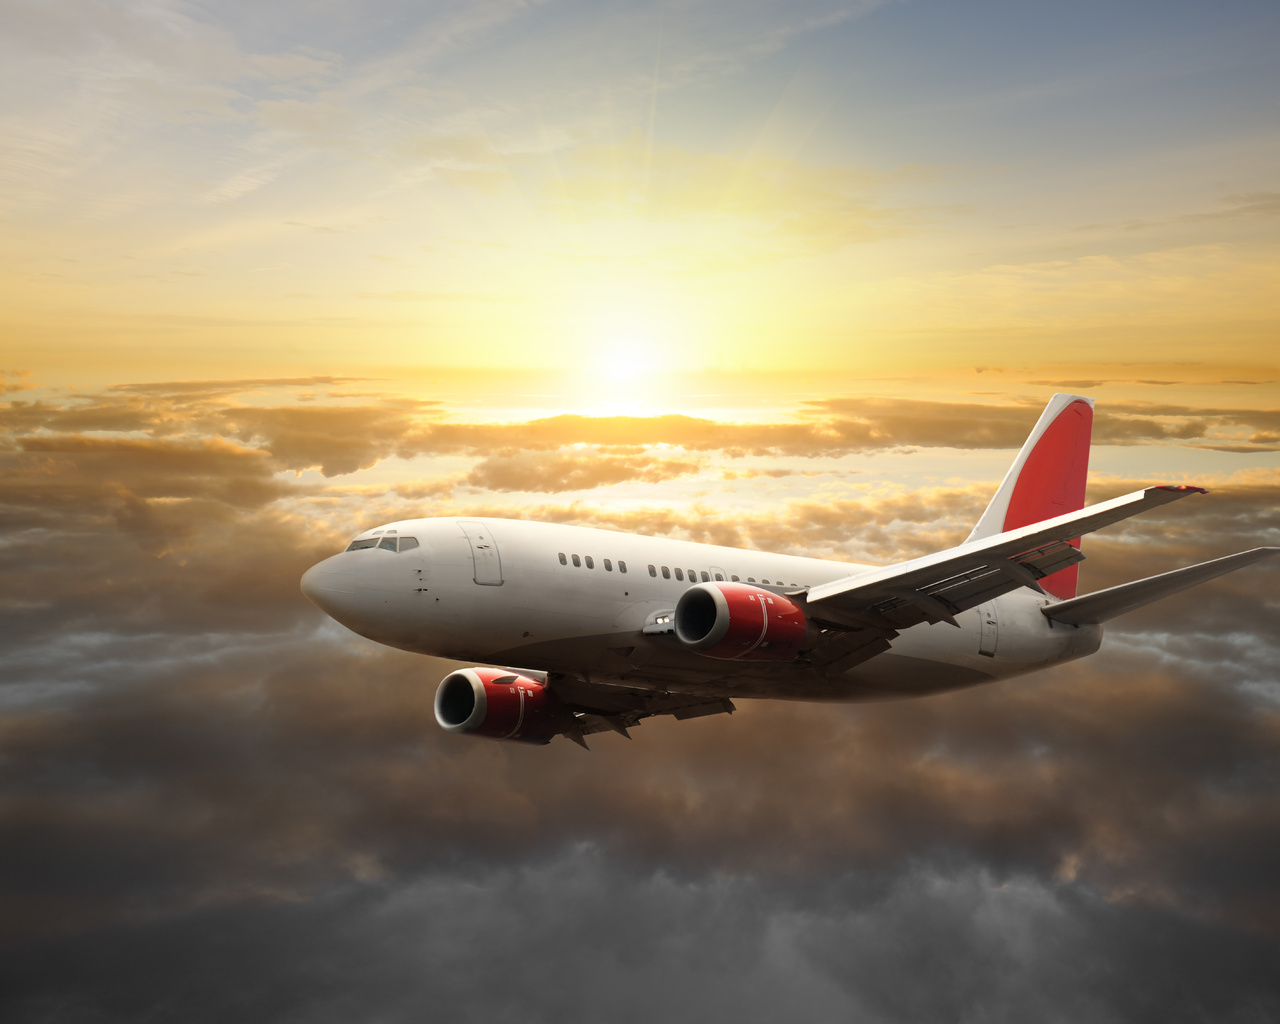 фото самолета который летит меня бабушка очень